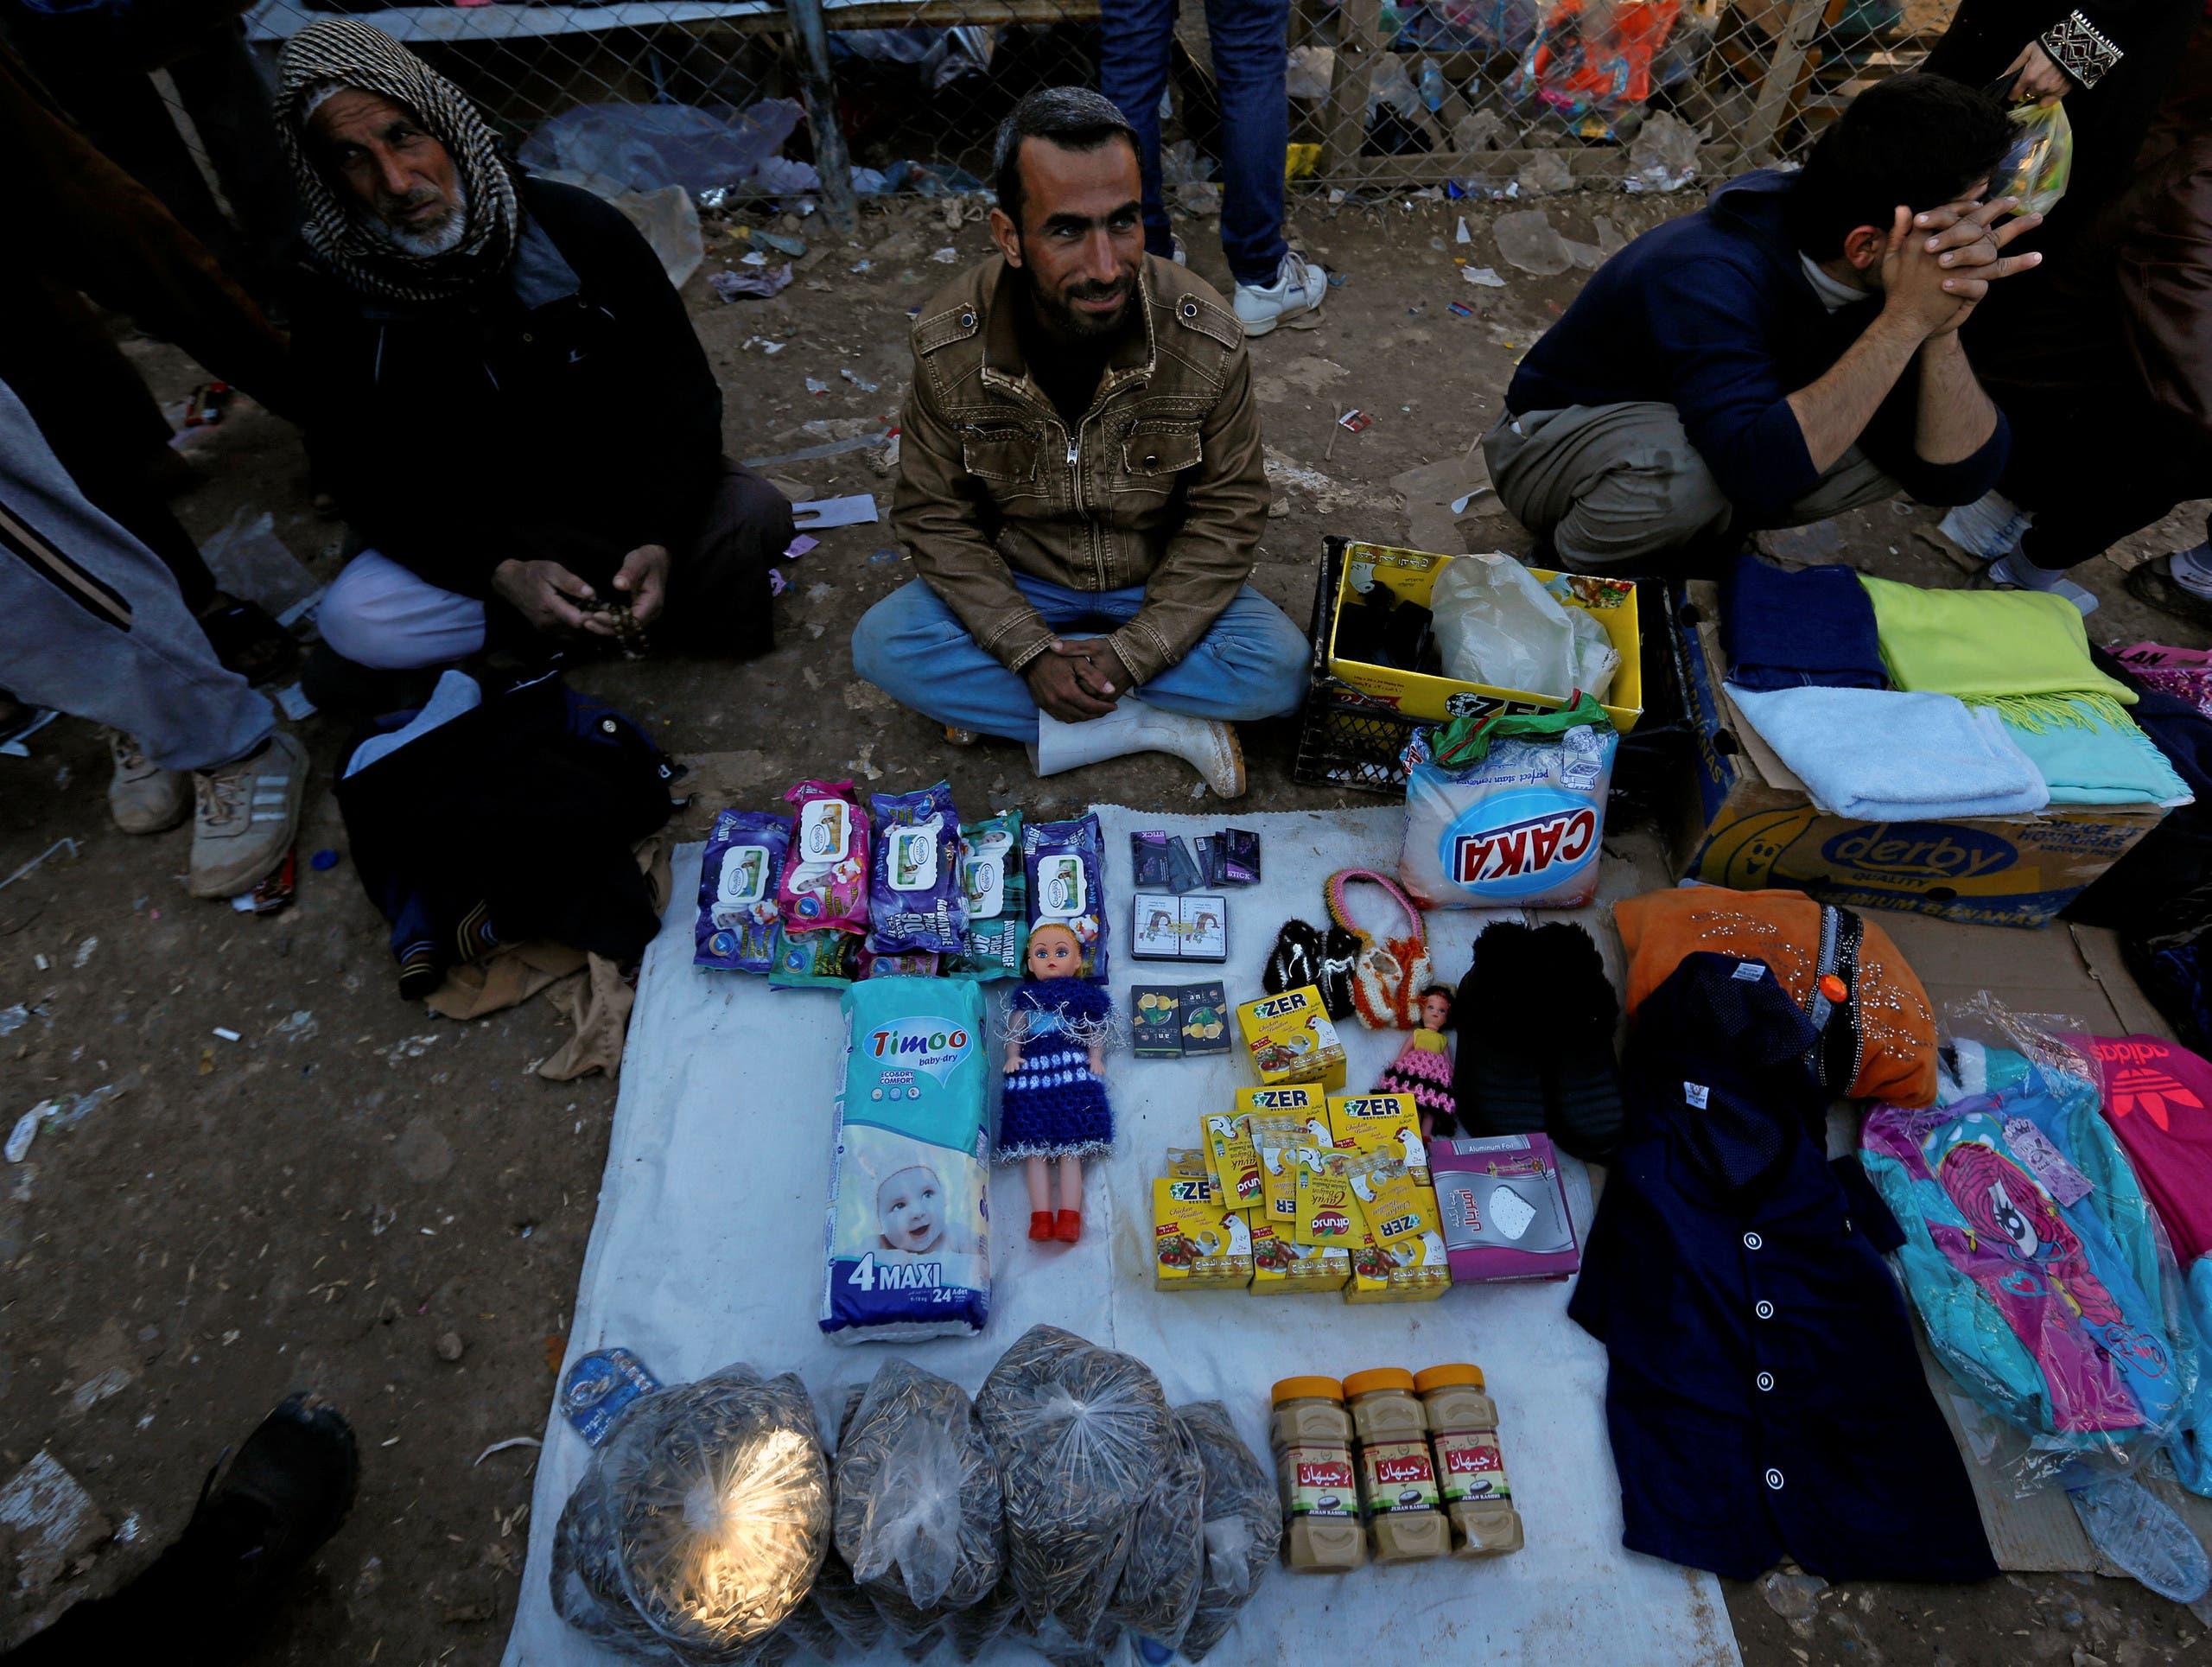 نازح عراقي هرب من منطقة سيطرة داعش في الموصل يبيع المأكولات في مخيم الخزر (أرشيفية)